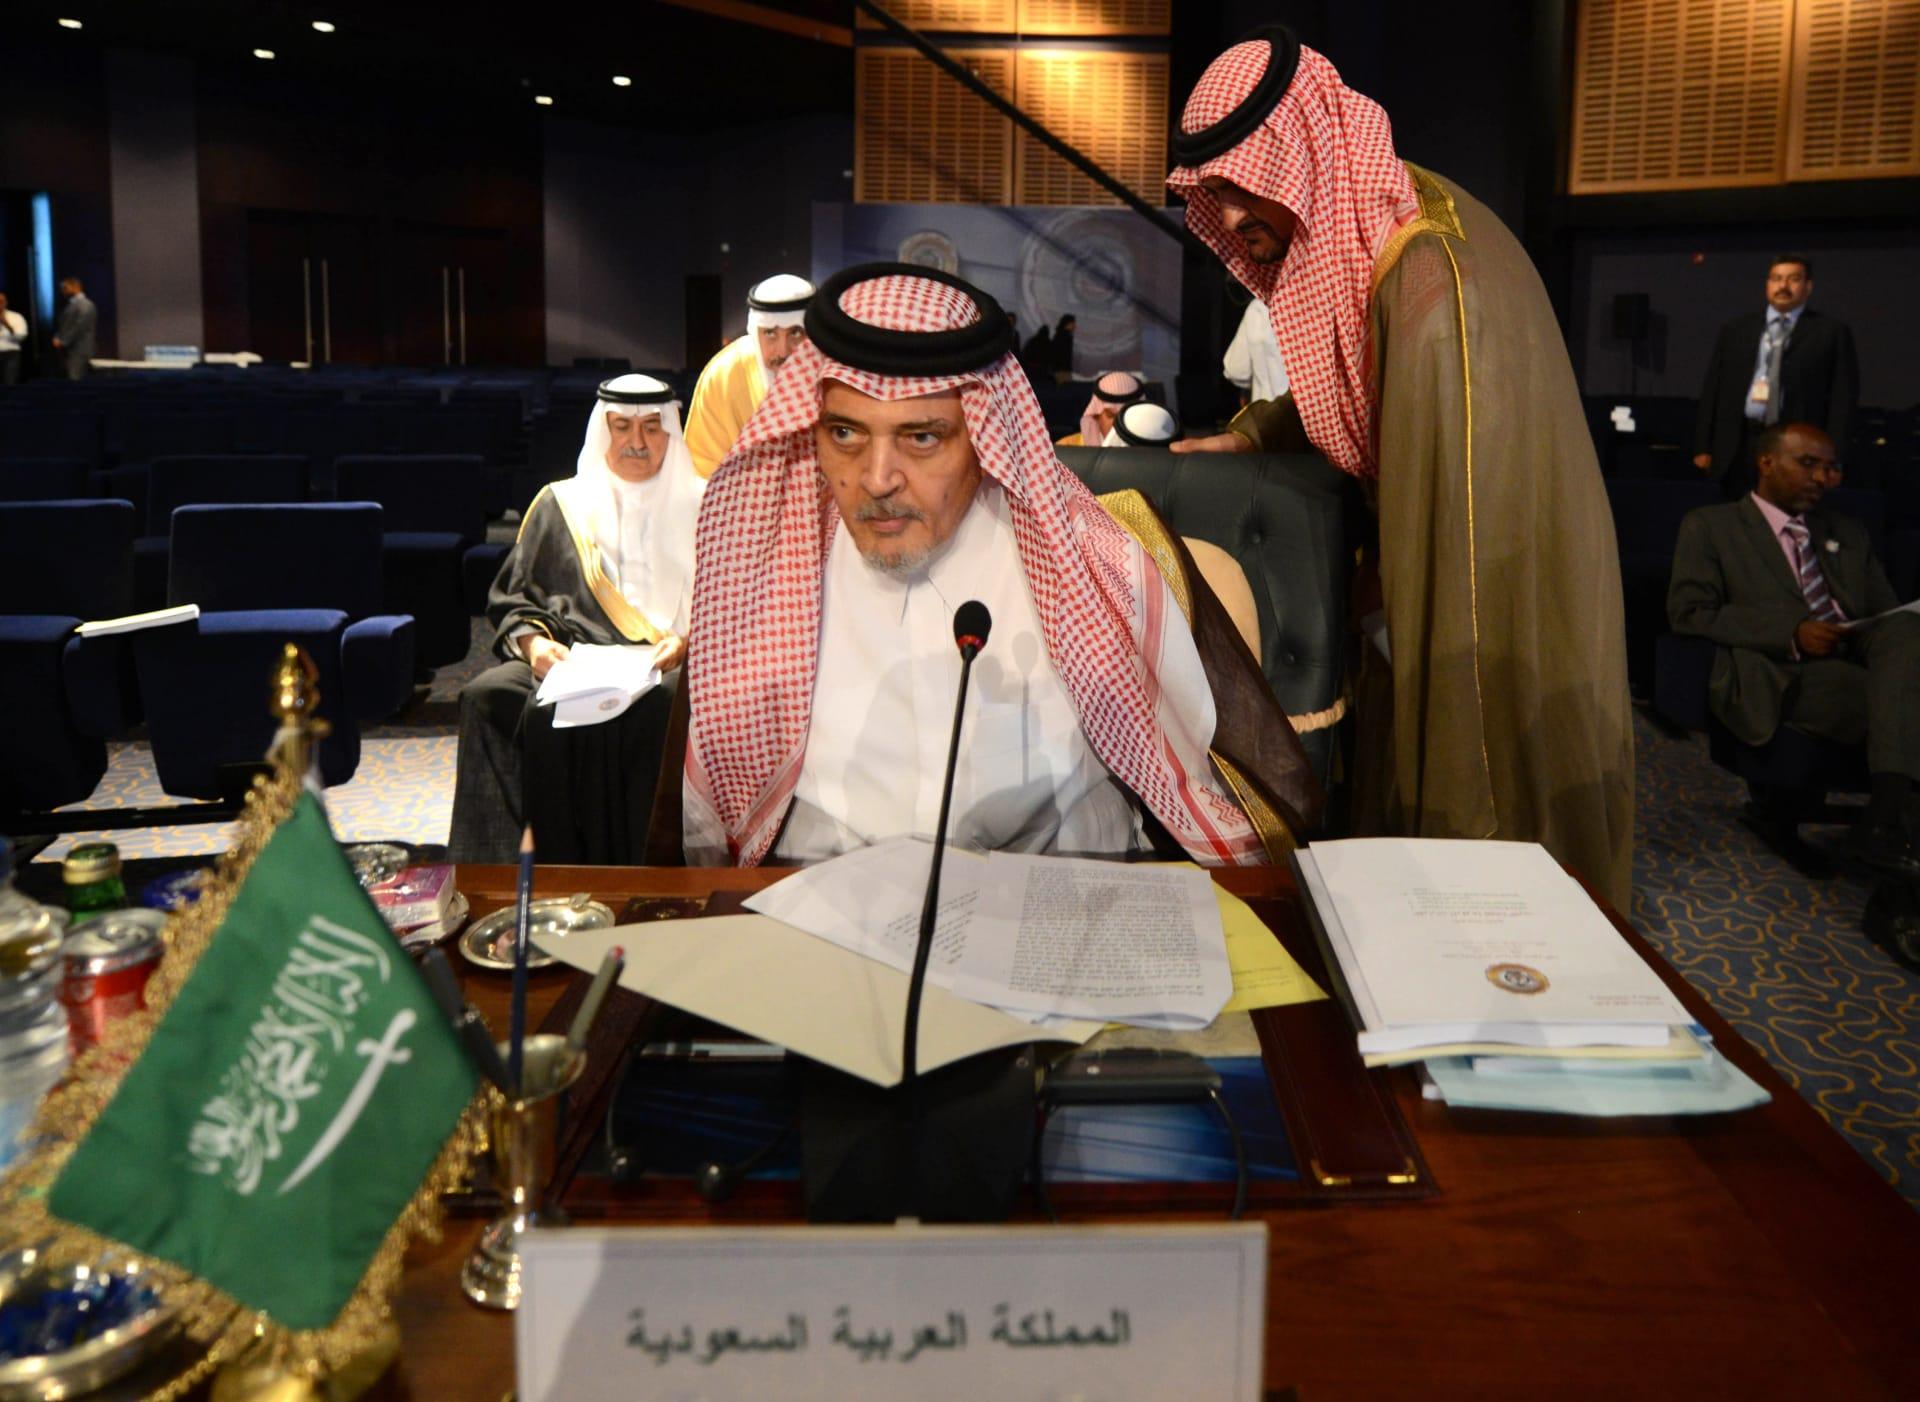 تداول فيديو لحديث وزير خارجية البحرين السابق عن سعود الفيصل: لهذا السبب أطلق اسمه على شارع في المنامة